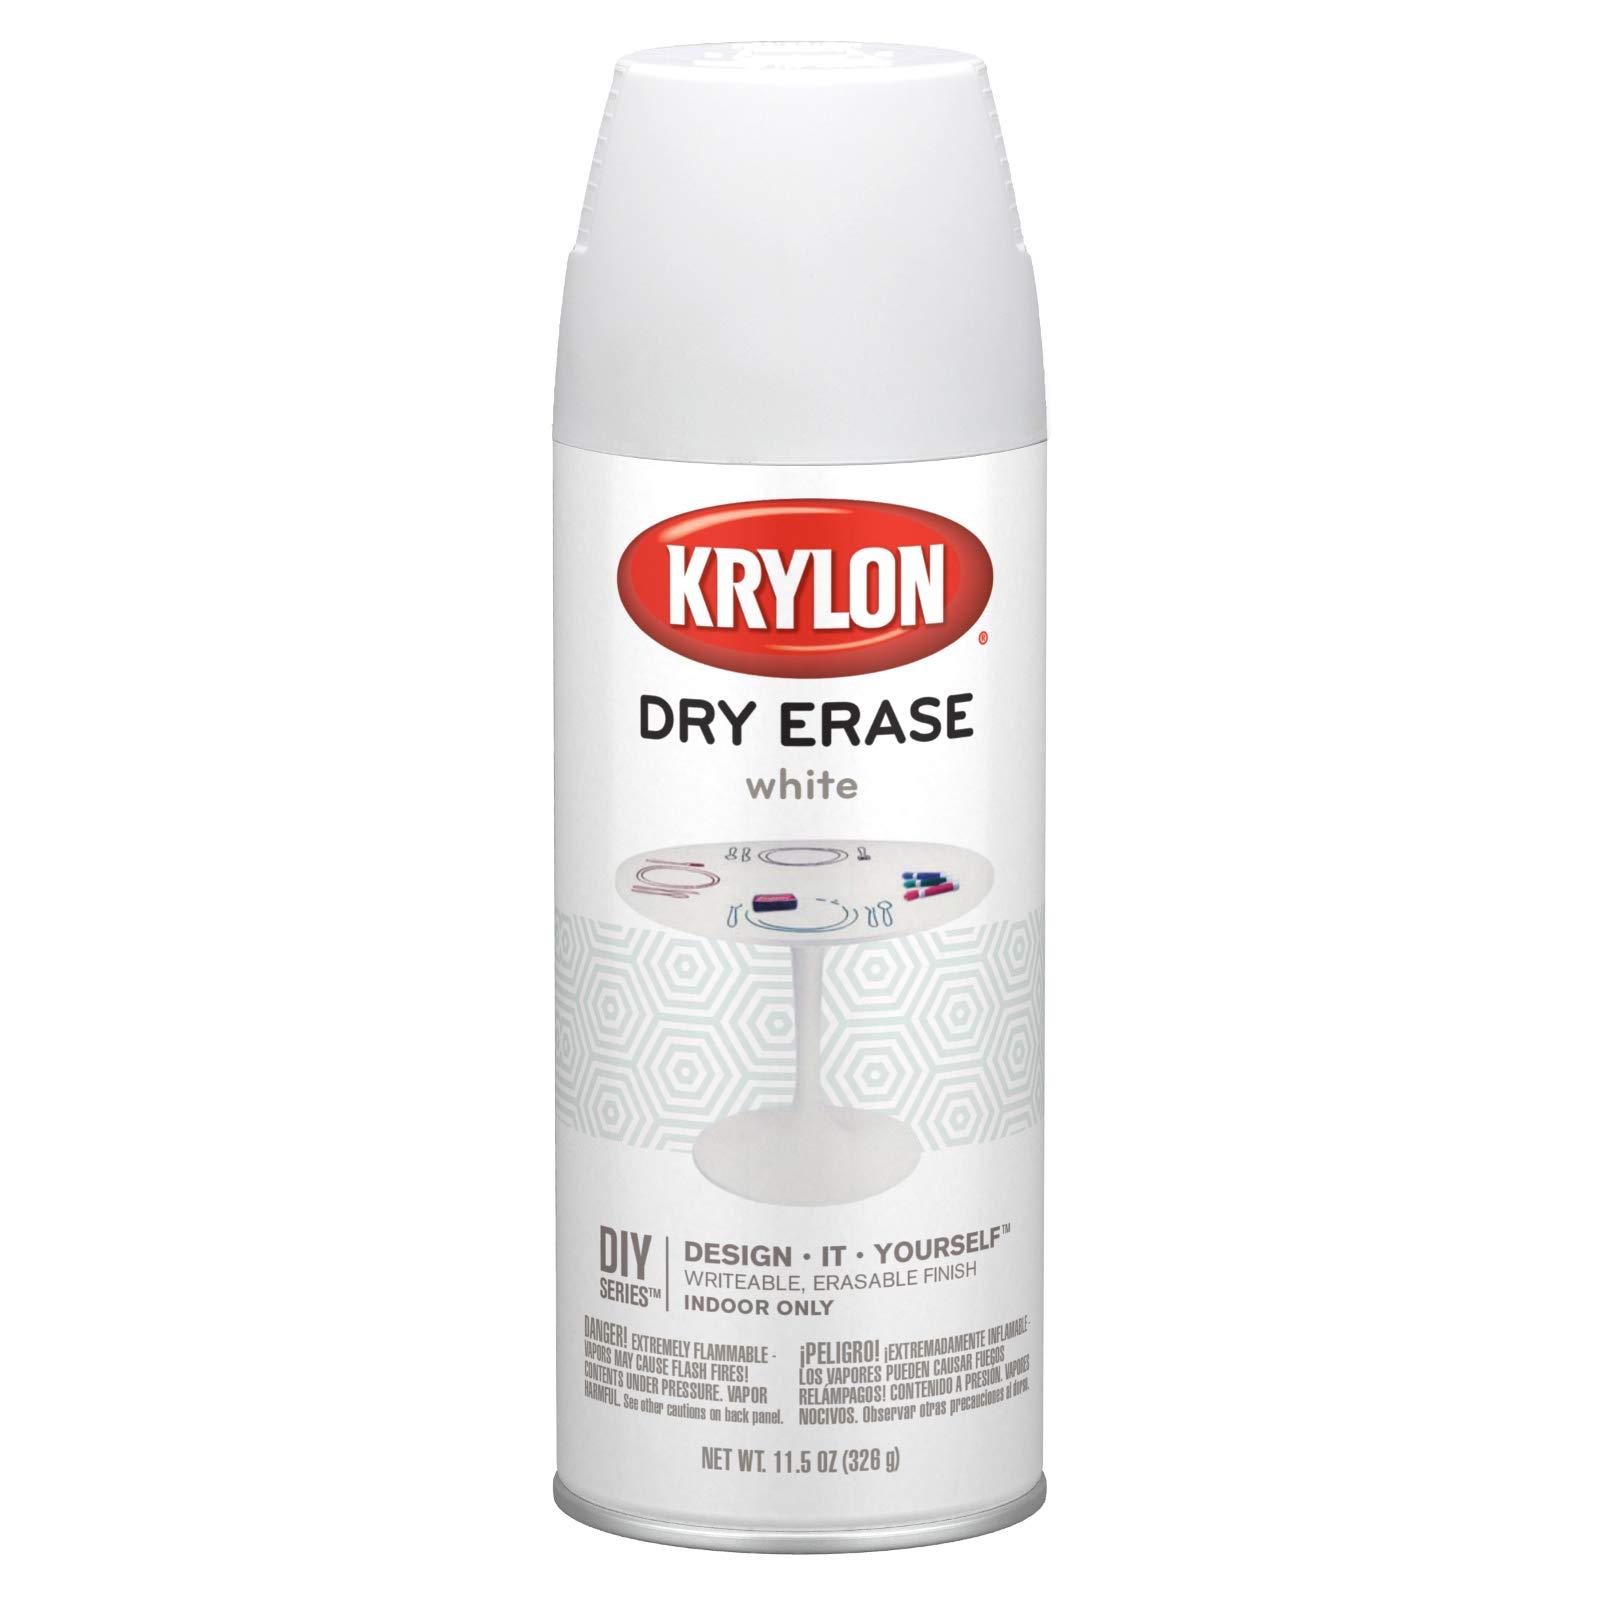 Krylon Dry-Erase Aerosol Spray 11.5oz, White by Krylon